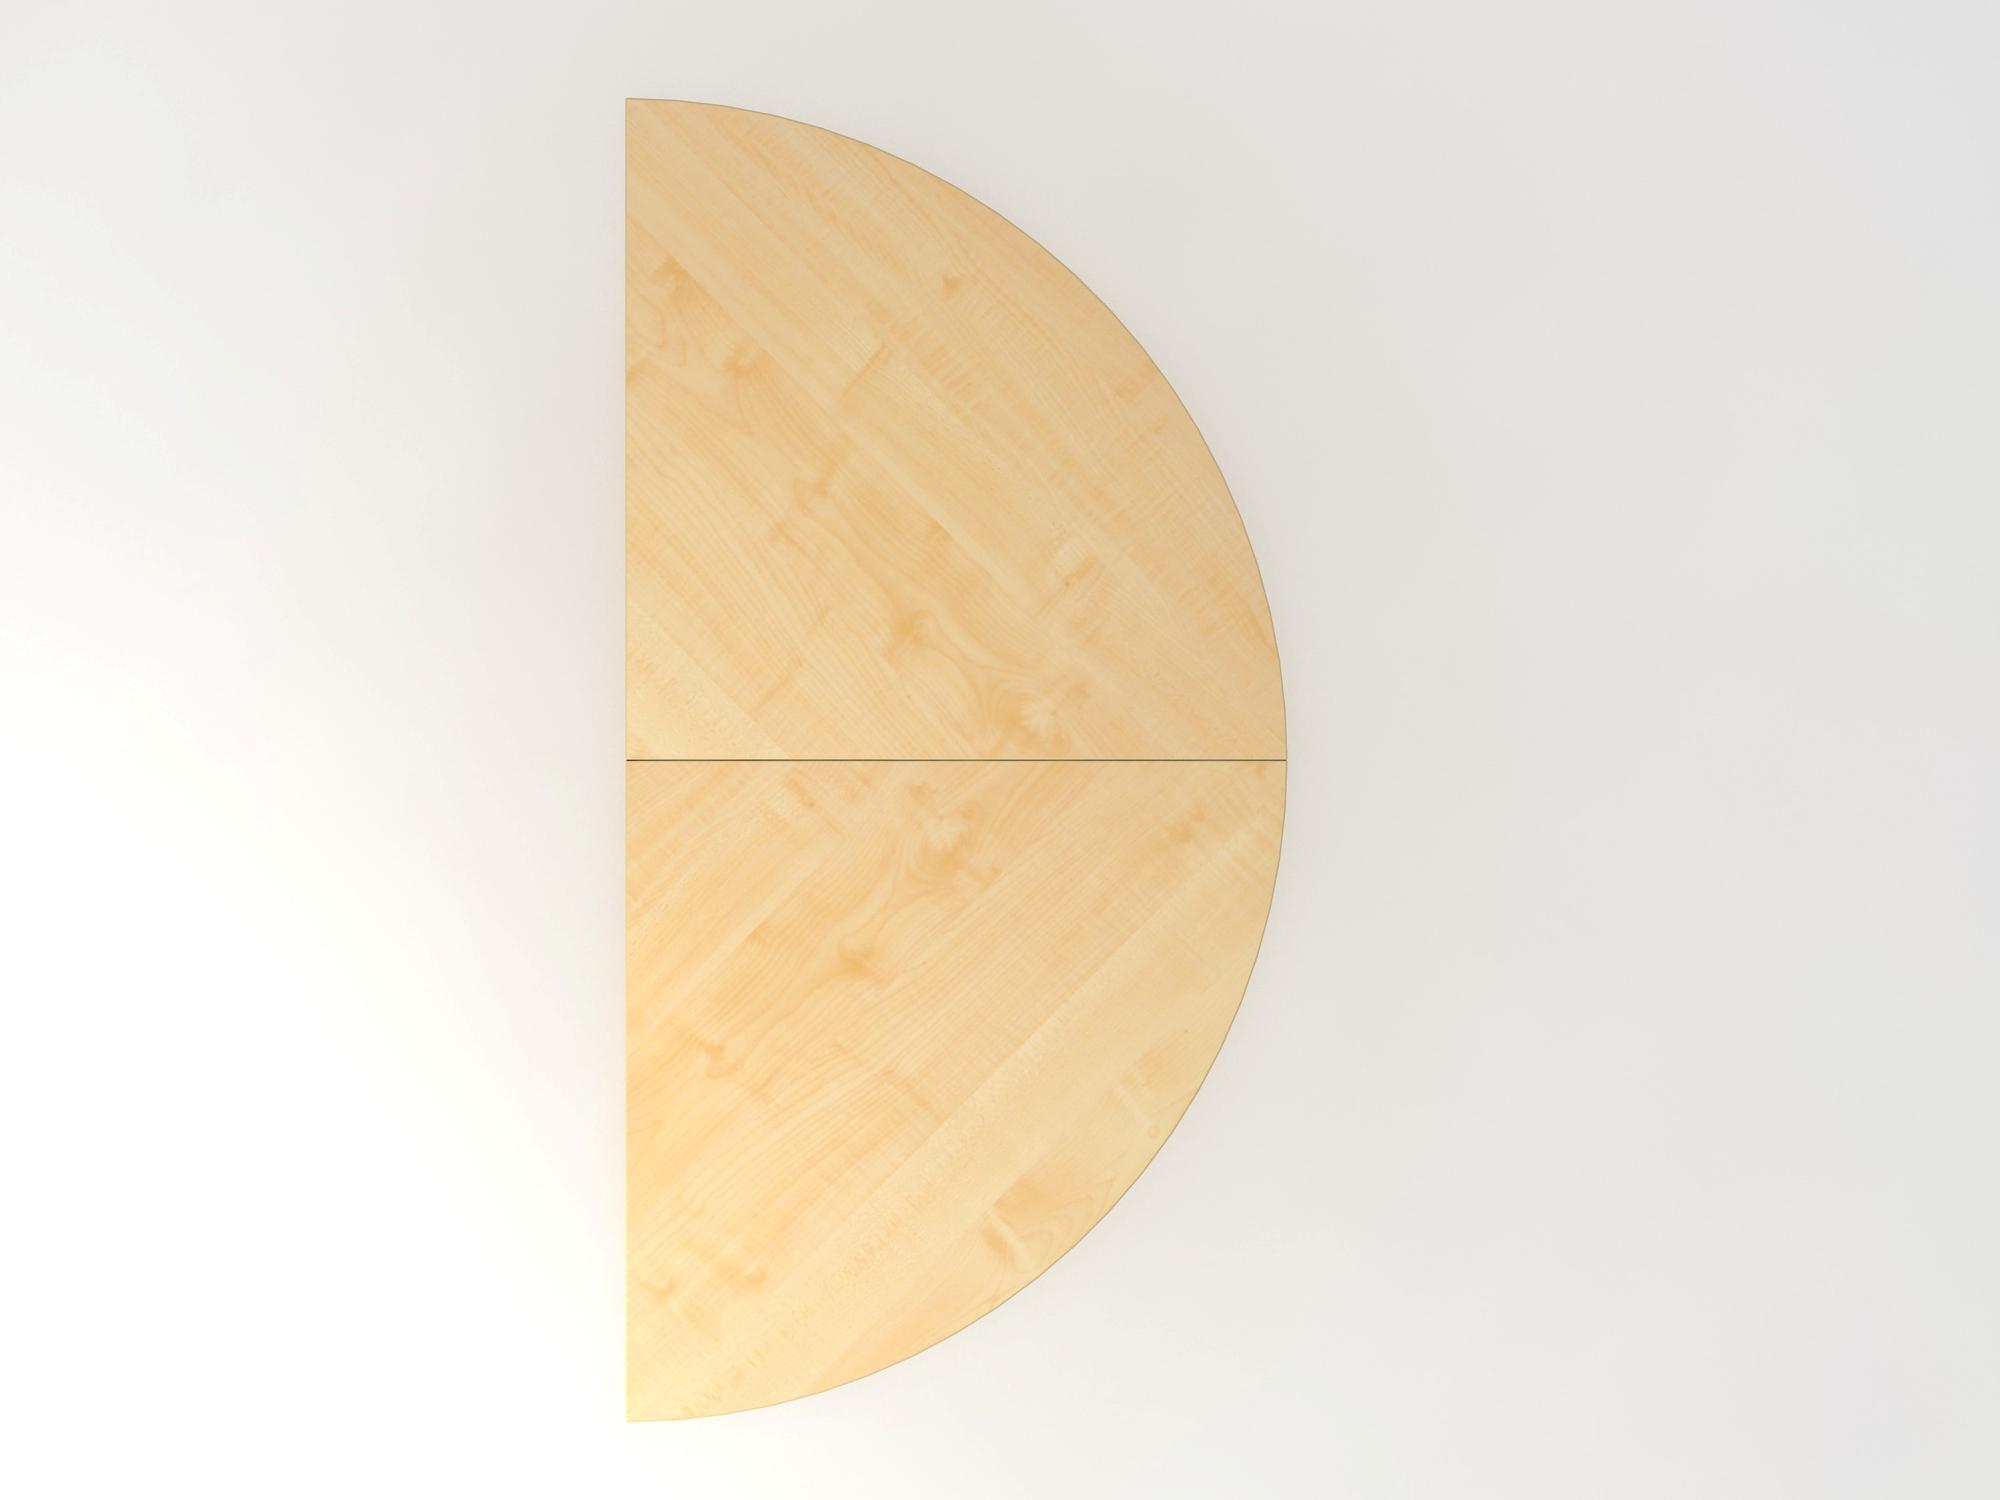 Anbautisch 2xViertelkreis/STF Ahorn